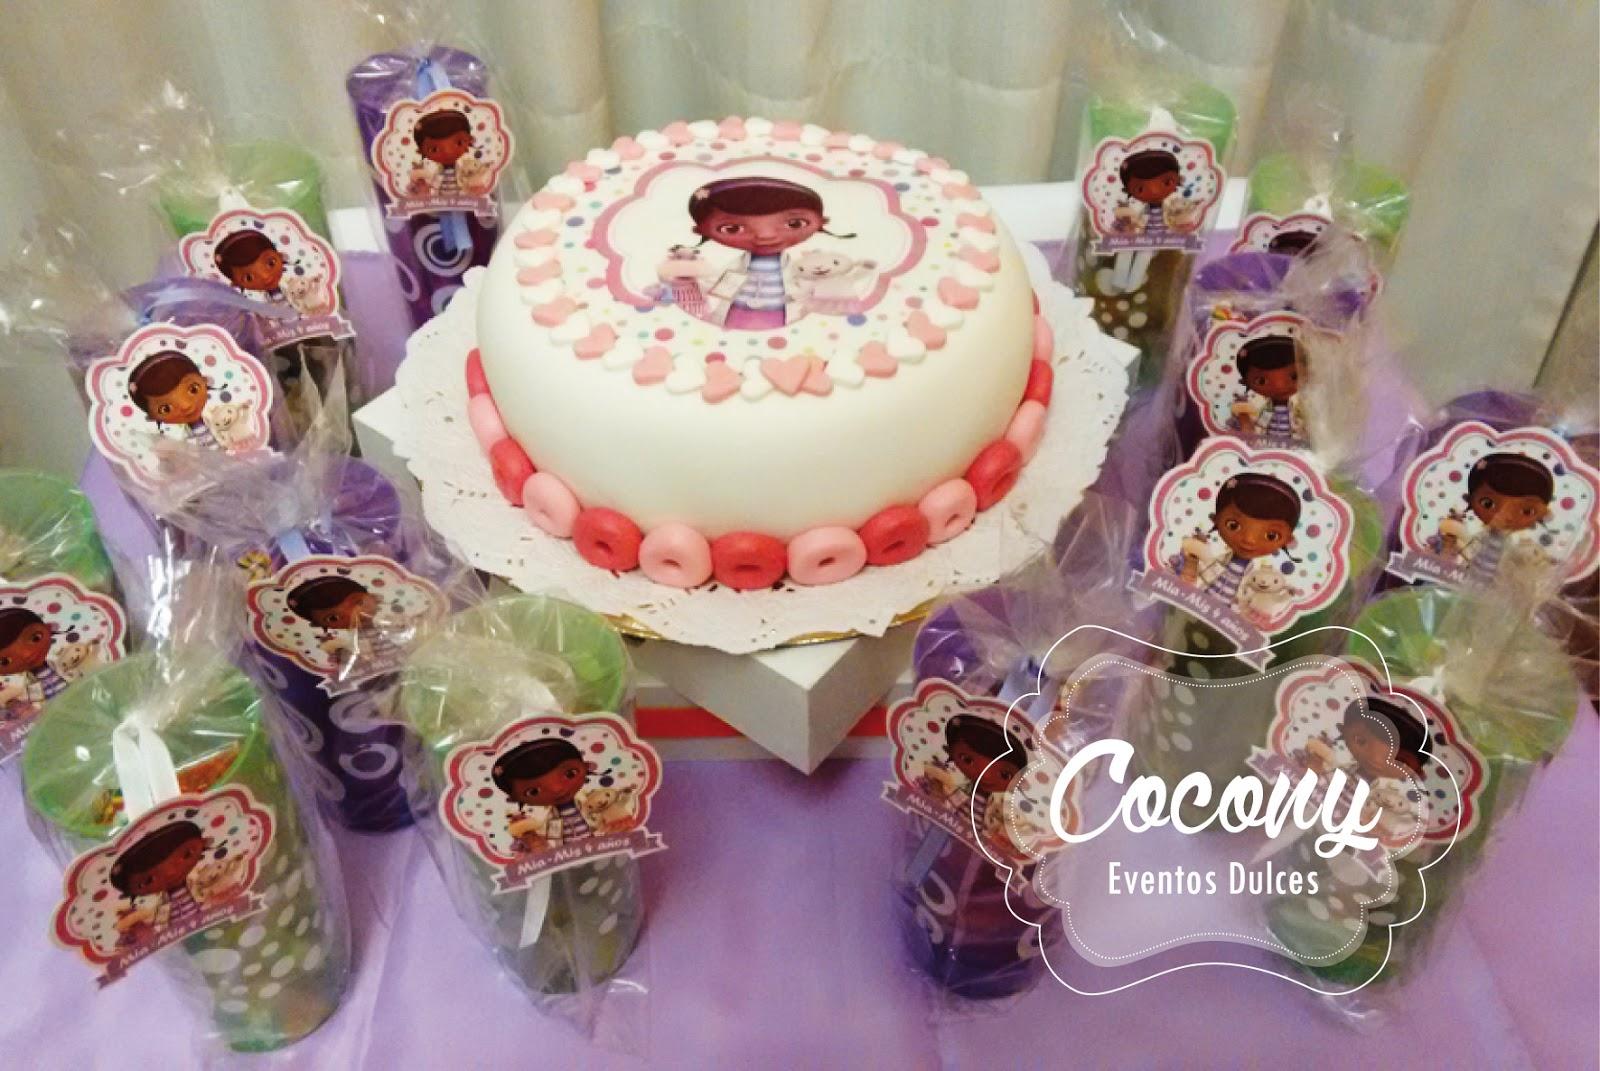 Cocony eventos dulces party box doctora juguetes para mia for Juguetes de jardin